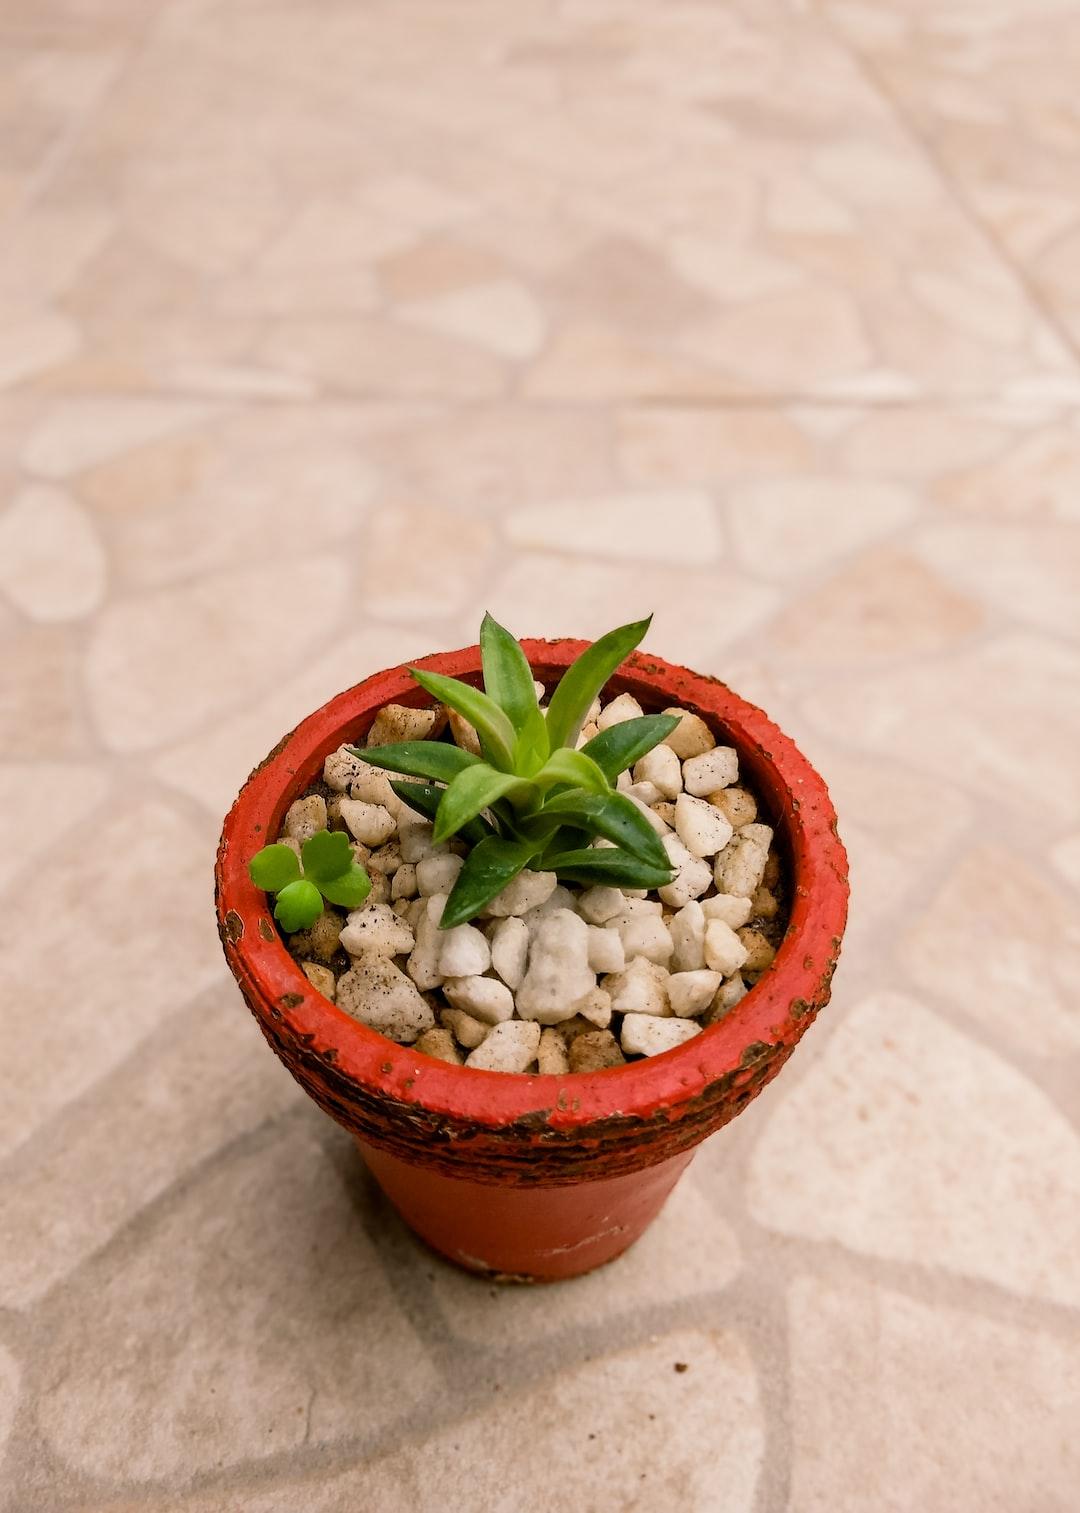 succulent plant in red vase.